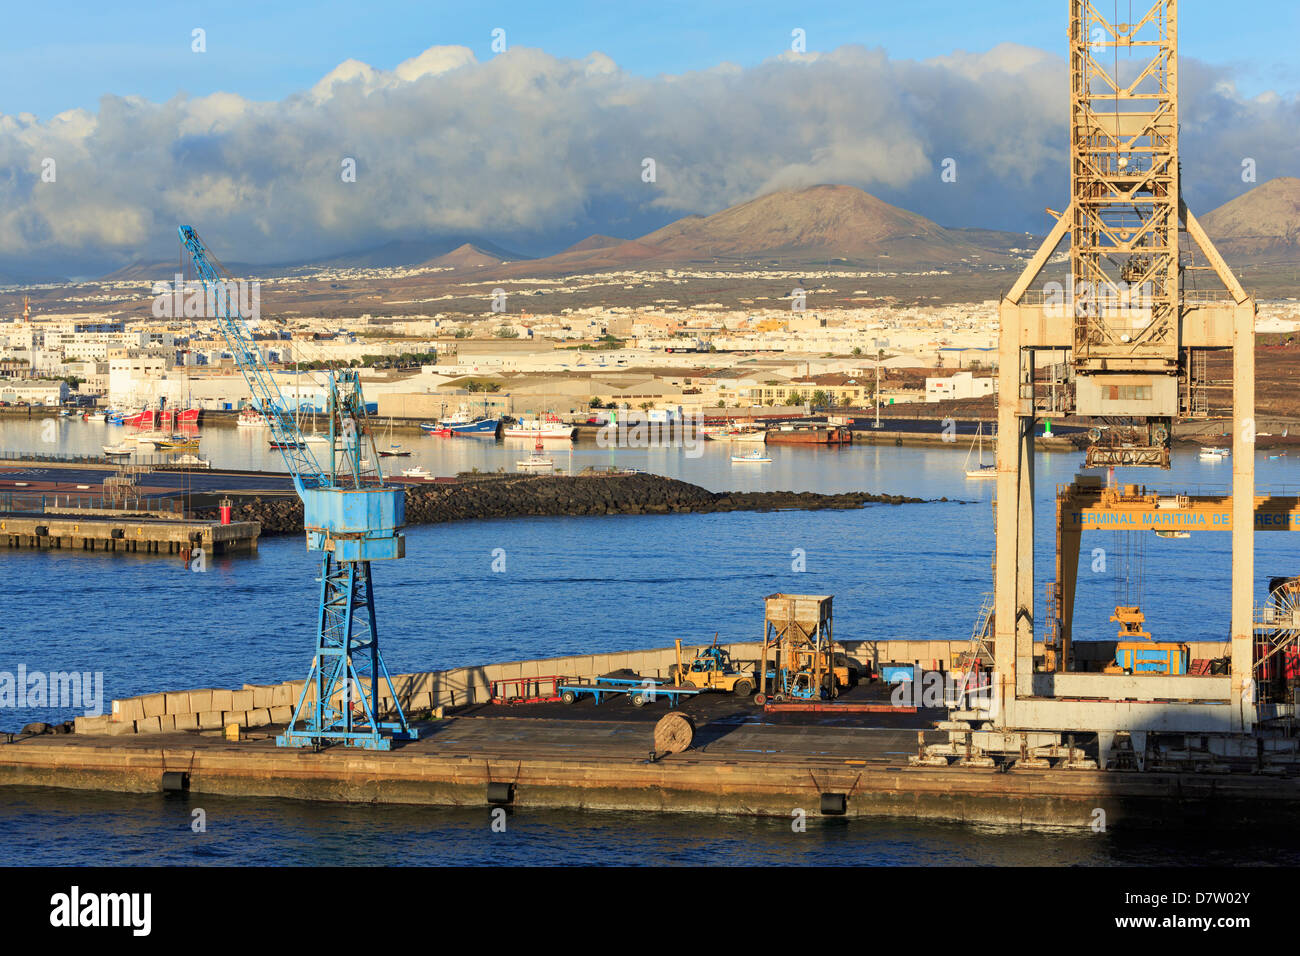 Hafen von Marmoles in Arrecife, Insel Lanzarote, Kanarische Inseln, Spanien, Atlantik Stockbild